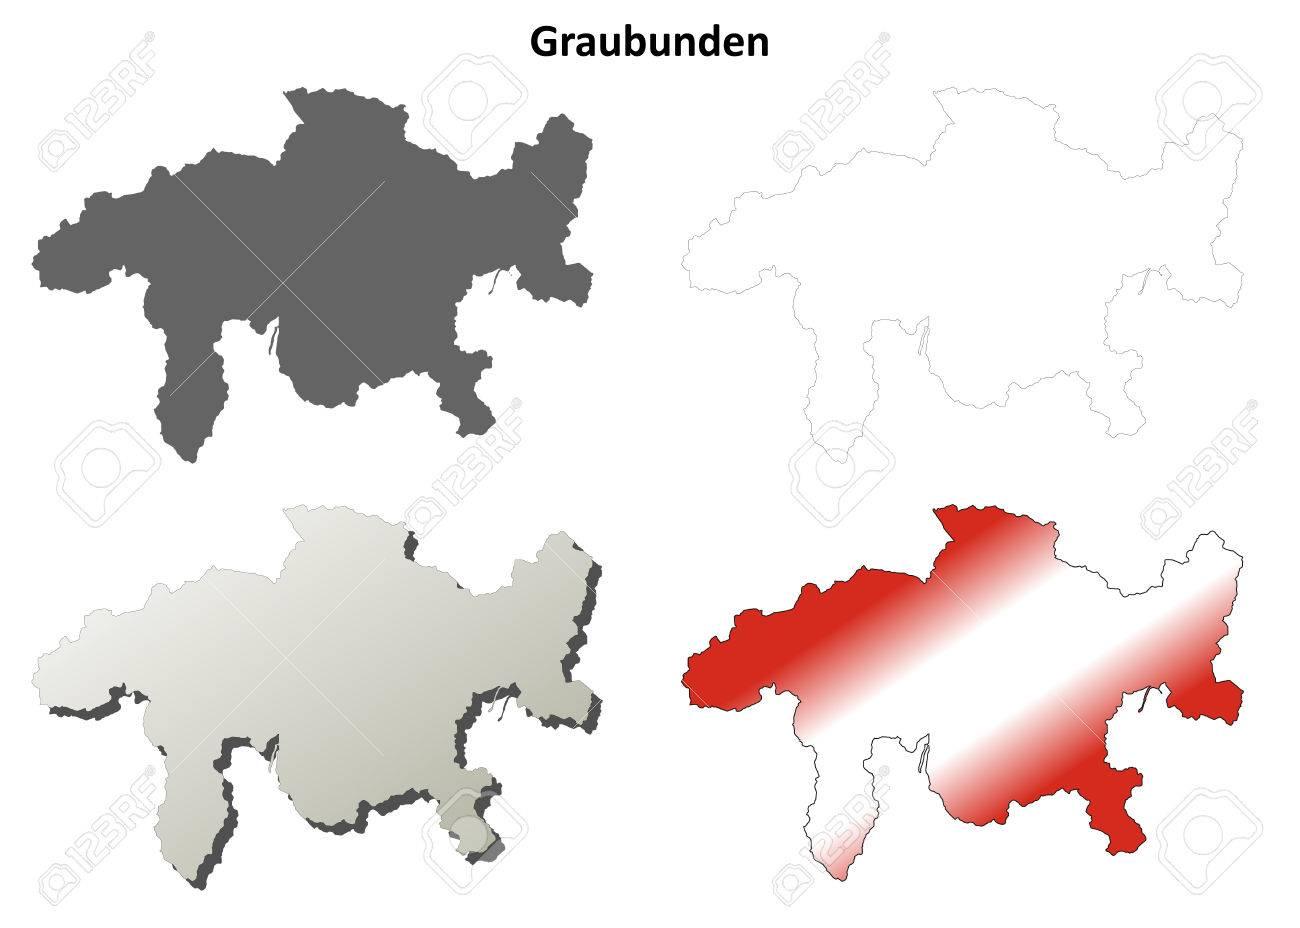 Kanton Graubunden Leer Detaillierte Ubersicht Karte Set Lizenzfrei